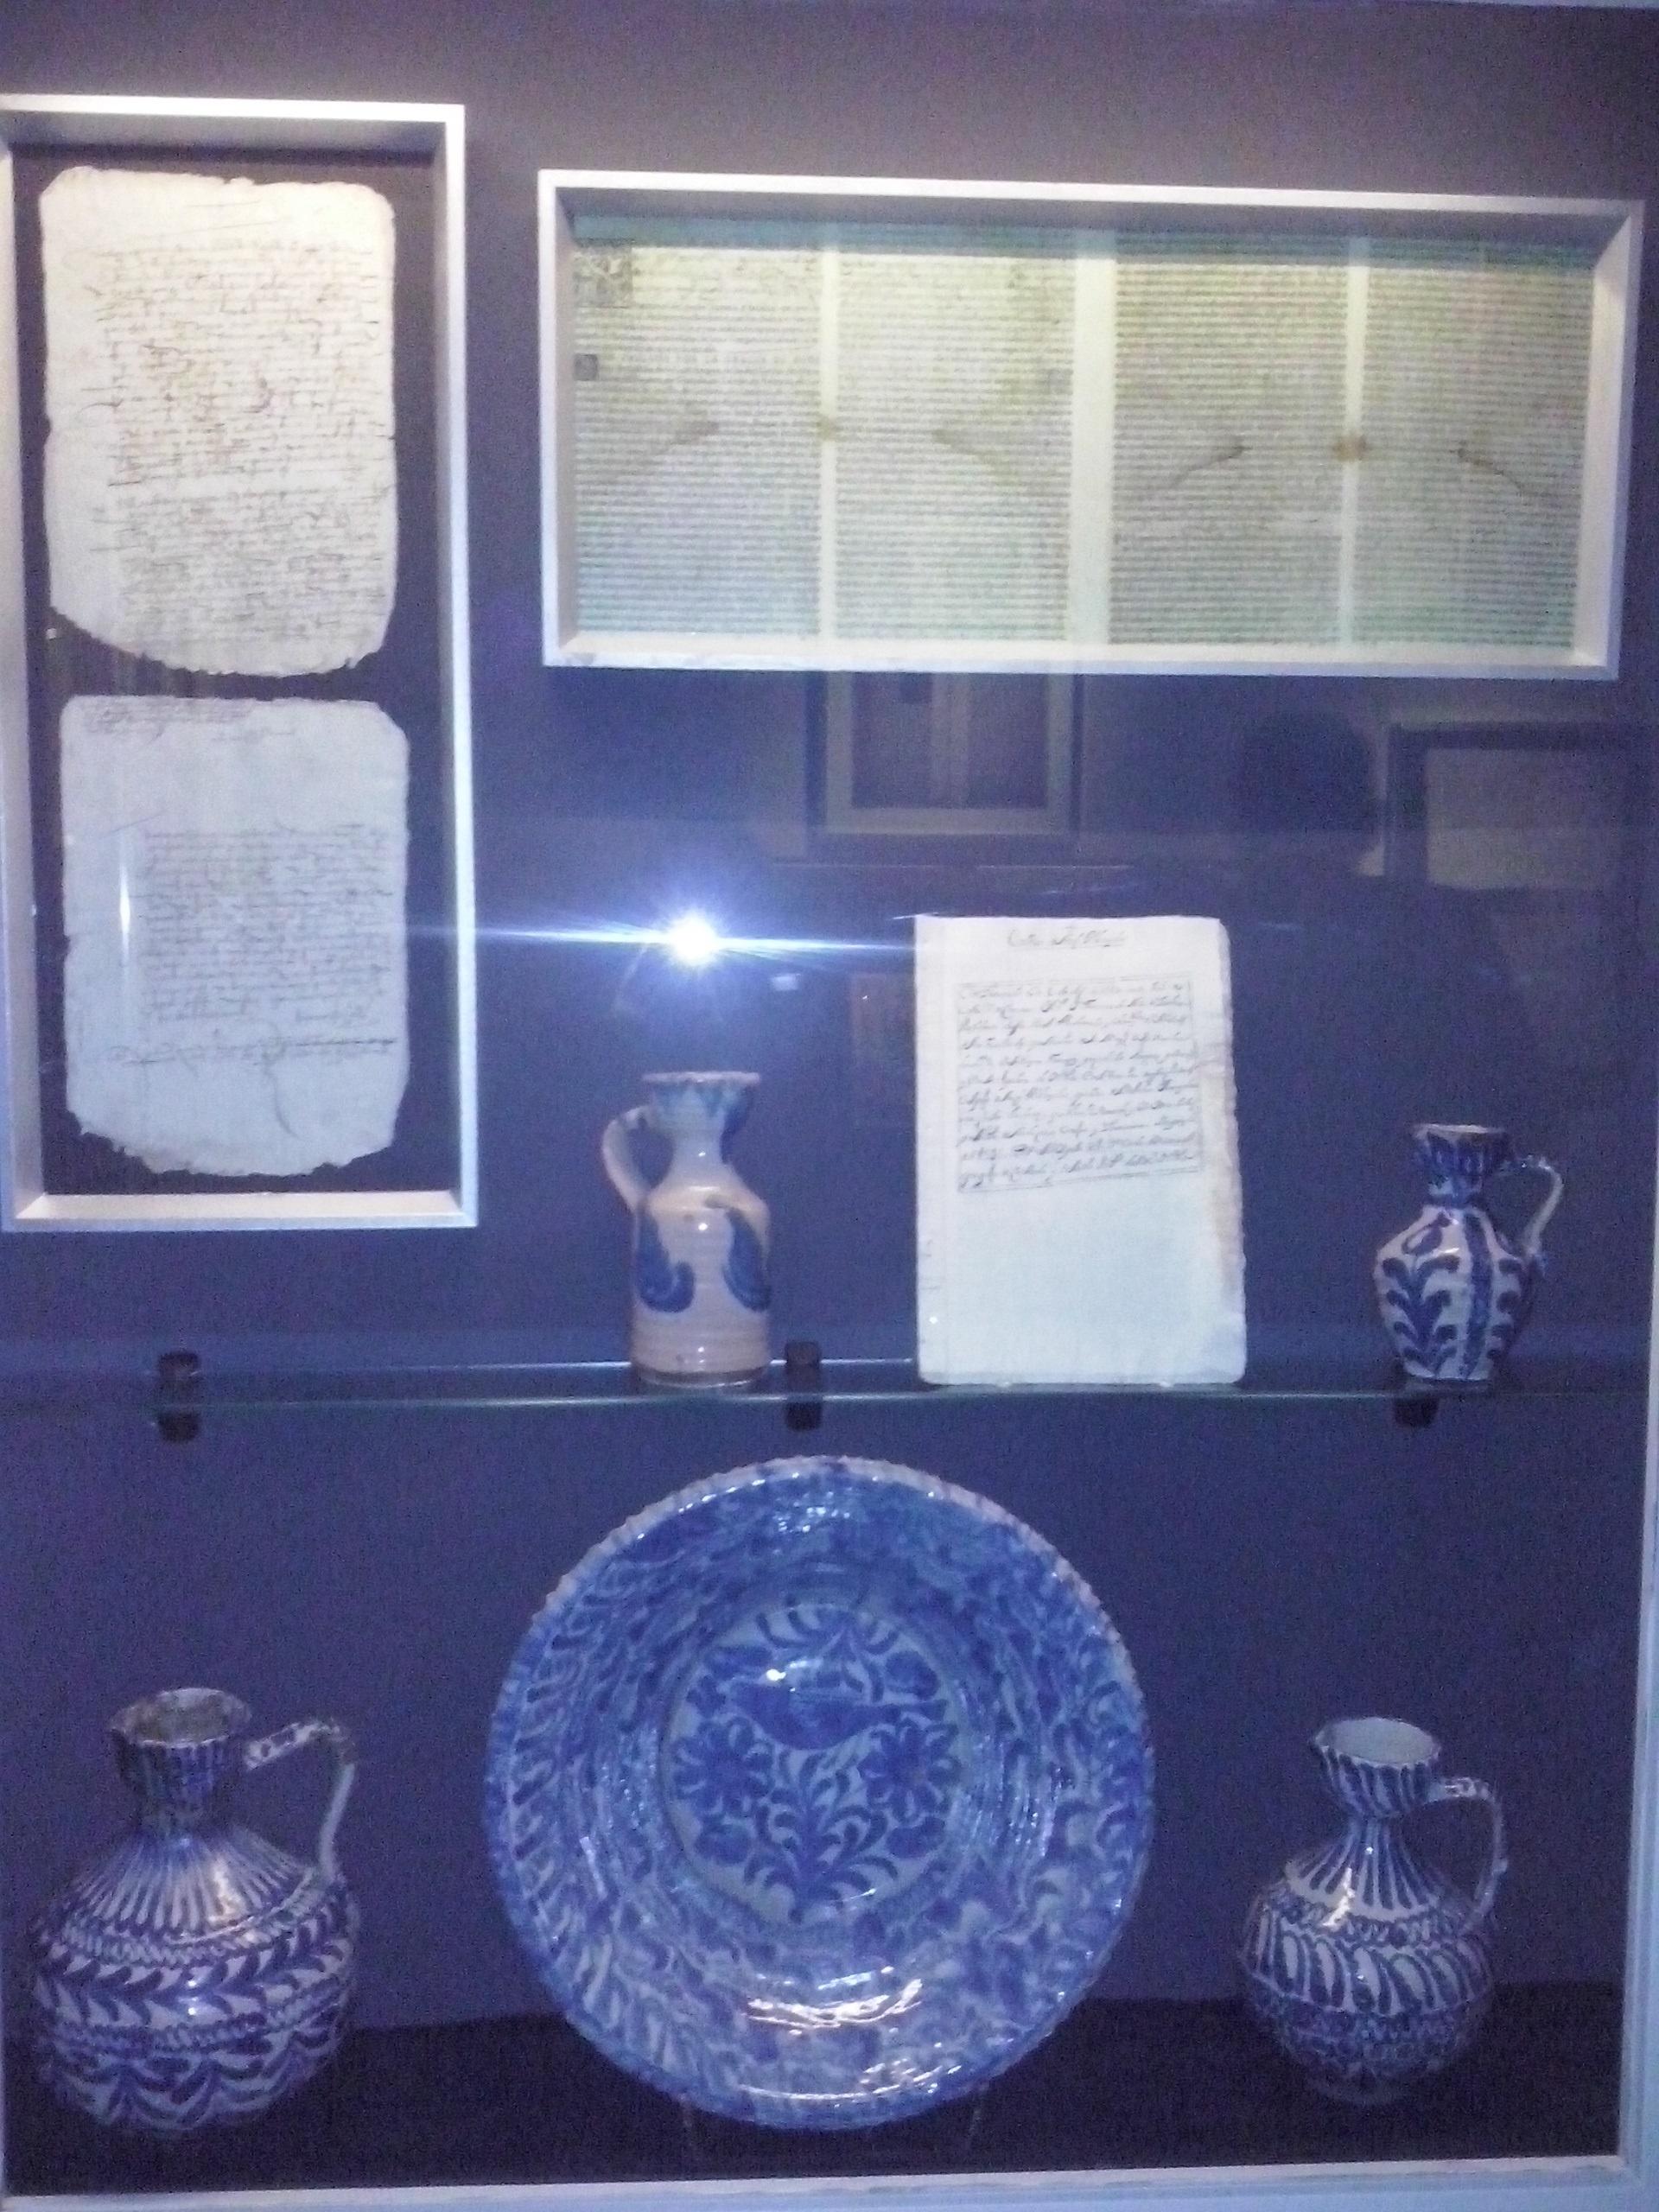 Un museo profundiza en el pasado sefardí de la ciudad y en su cultura mediante piezas históricas